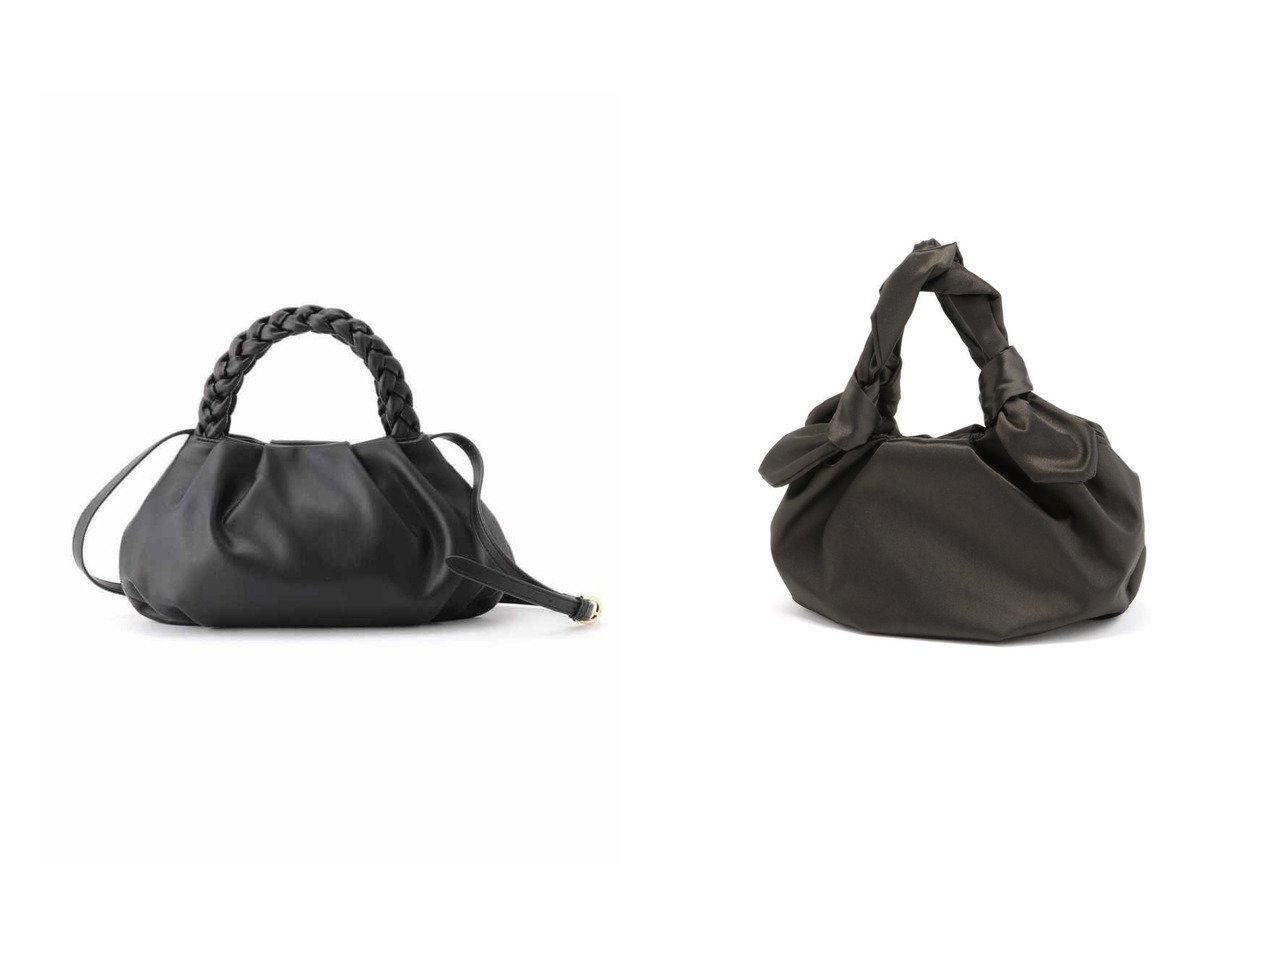 【Le Talon/ル タロン】のLE TALON サテンギャザーバッグ&【UNTITLED/アンタイトル】のソフトタック三つ編みハンドバッグ バッグ・鞄のおすすめ!人気、トレンド・レディースファッションの通販  おすすめで人気の流行・トレンド、ファッションの通販商品 メンズファッション・キッズファッション・インテリア・家具・レディースファッション・服の通販 founy(ファニー) https://founy.com/ ファッション Fashion レディースファッション WOMEN バッグ Bag NEW・新作・新着・新入荷 New Arrivals ハンドバッグ フォルム ベーシック 2020年 2020 2020-2021 秋冬 A/W AW Autumn/Winter / FW Fall-Winter 2020-2021 A/W 秋冬 AW Autumn/Winter / FW Fall-Winter エレガント オケージョン サテン パーティ 軽量 |ID:crp329100000009897